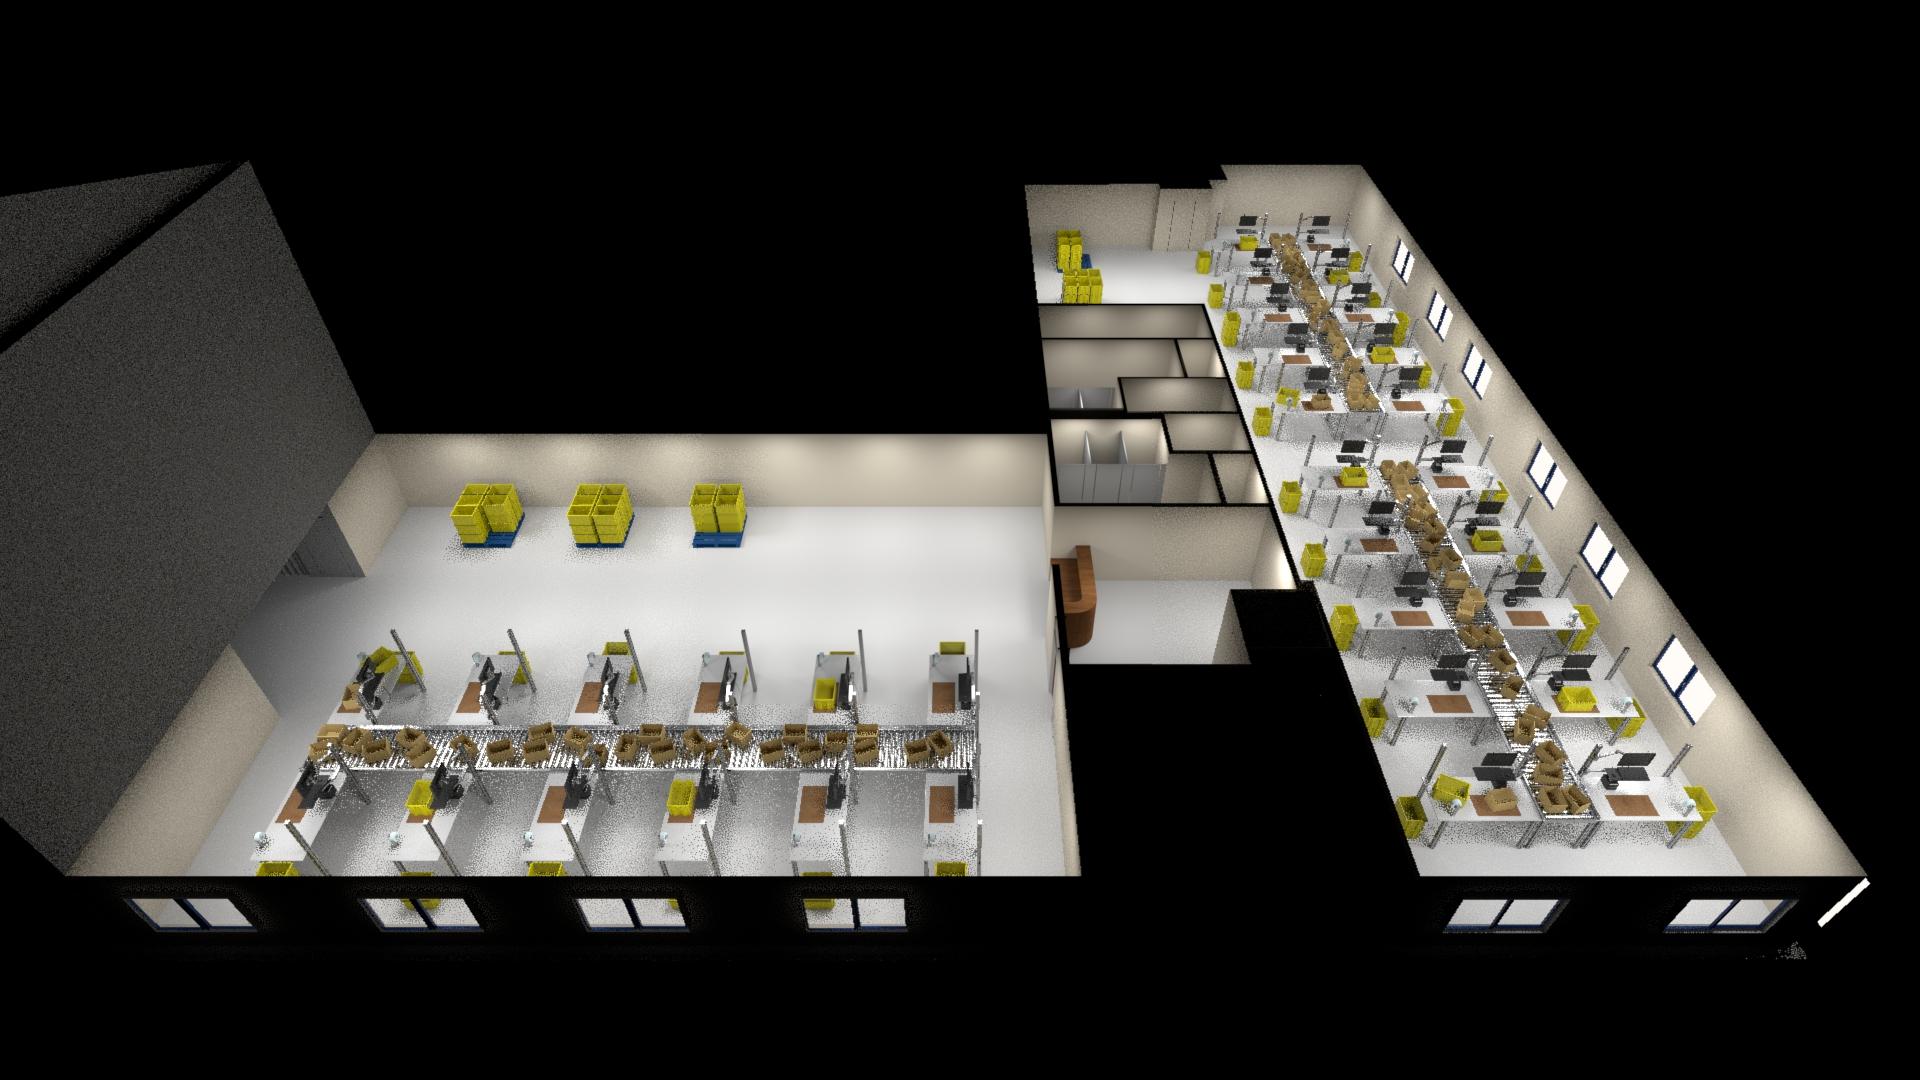 Cross Green desks